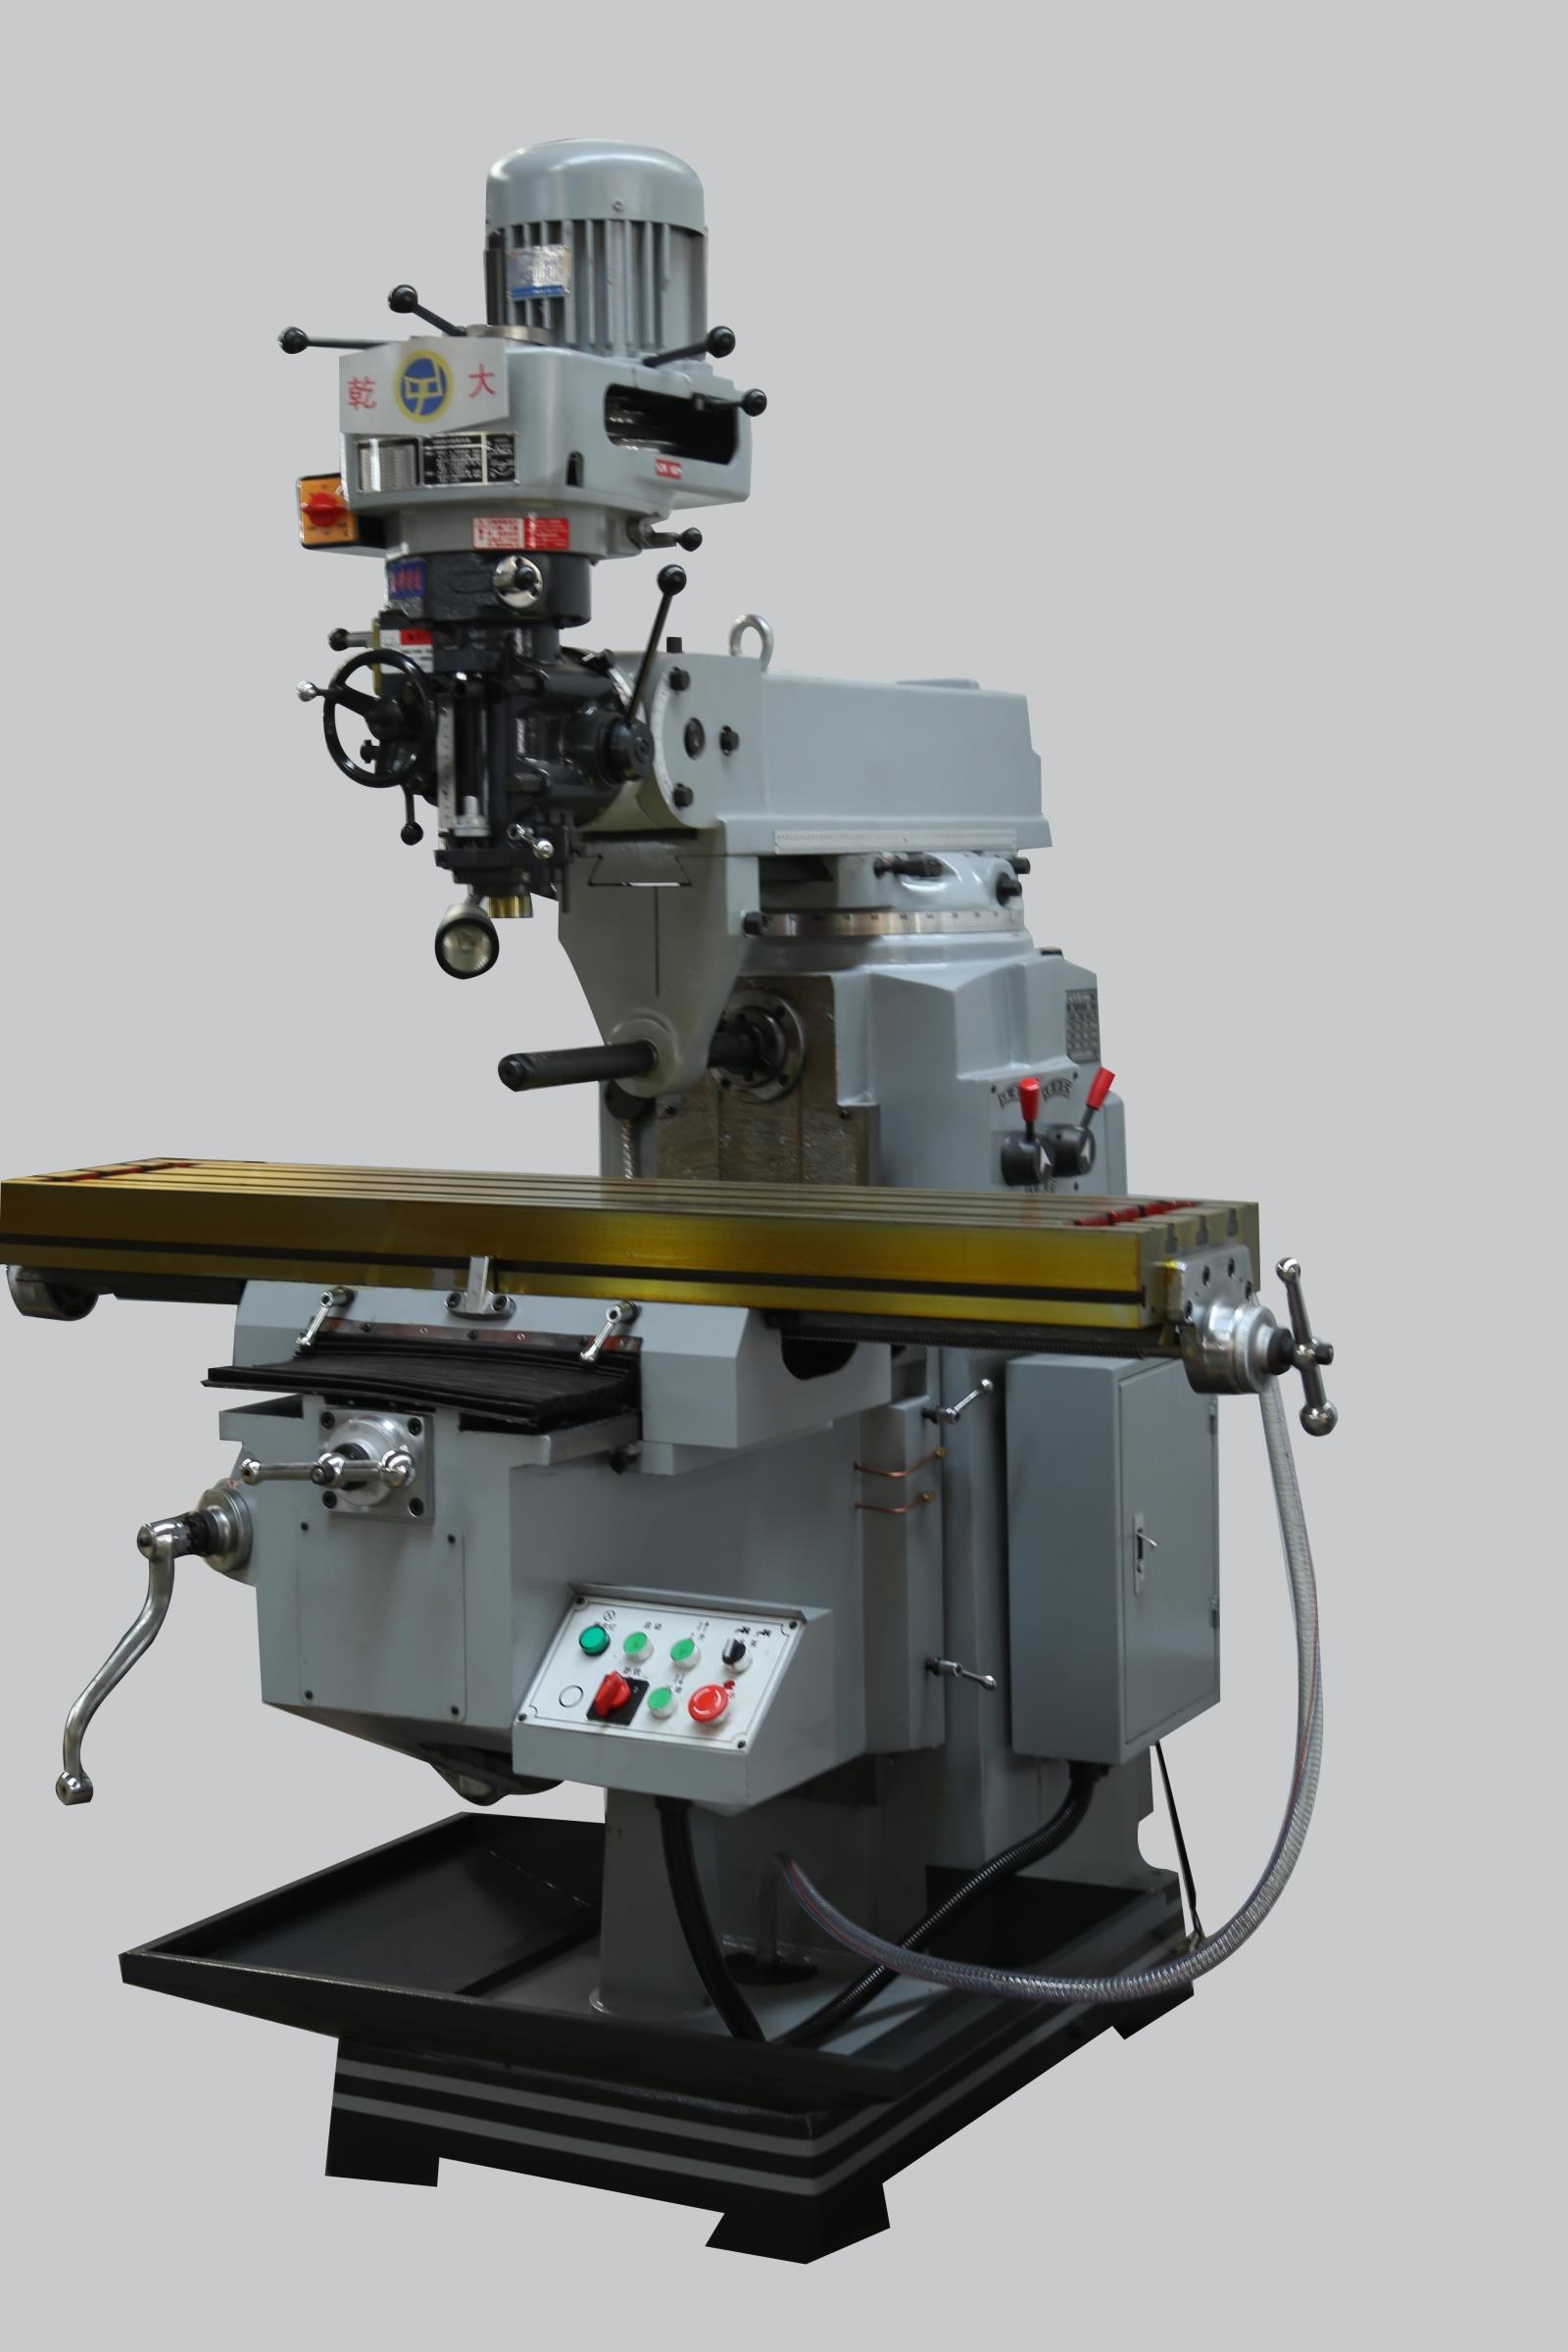 التصنيع باستخدام الحاسب الآلي آلة طحن البرج XKM4M5 الروك من نوع خاص يموت برج آلة طحن آلة طحن التصنيع باستخدام الحاسب الآلي آلة طحن رقم 4 رقم 5